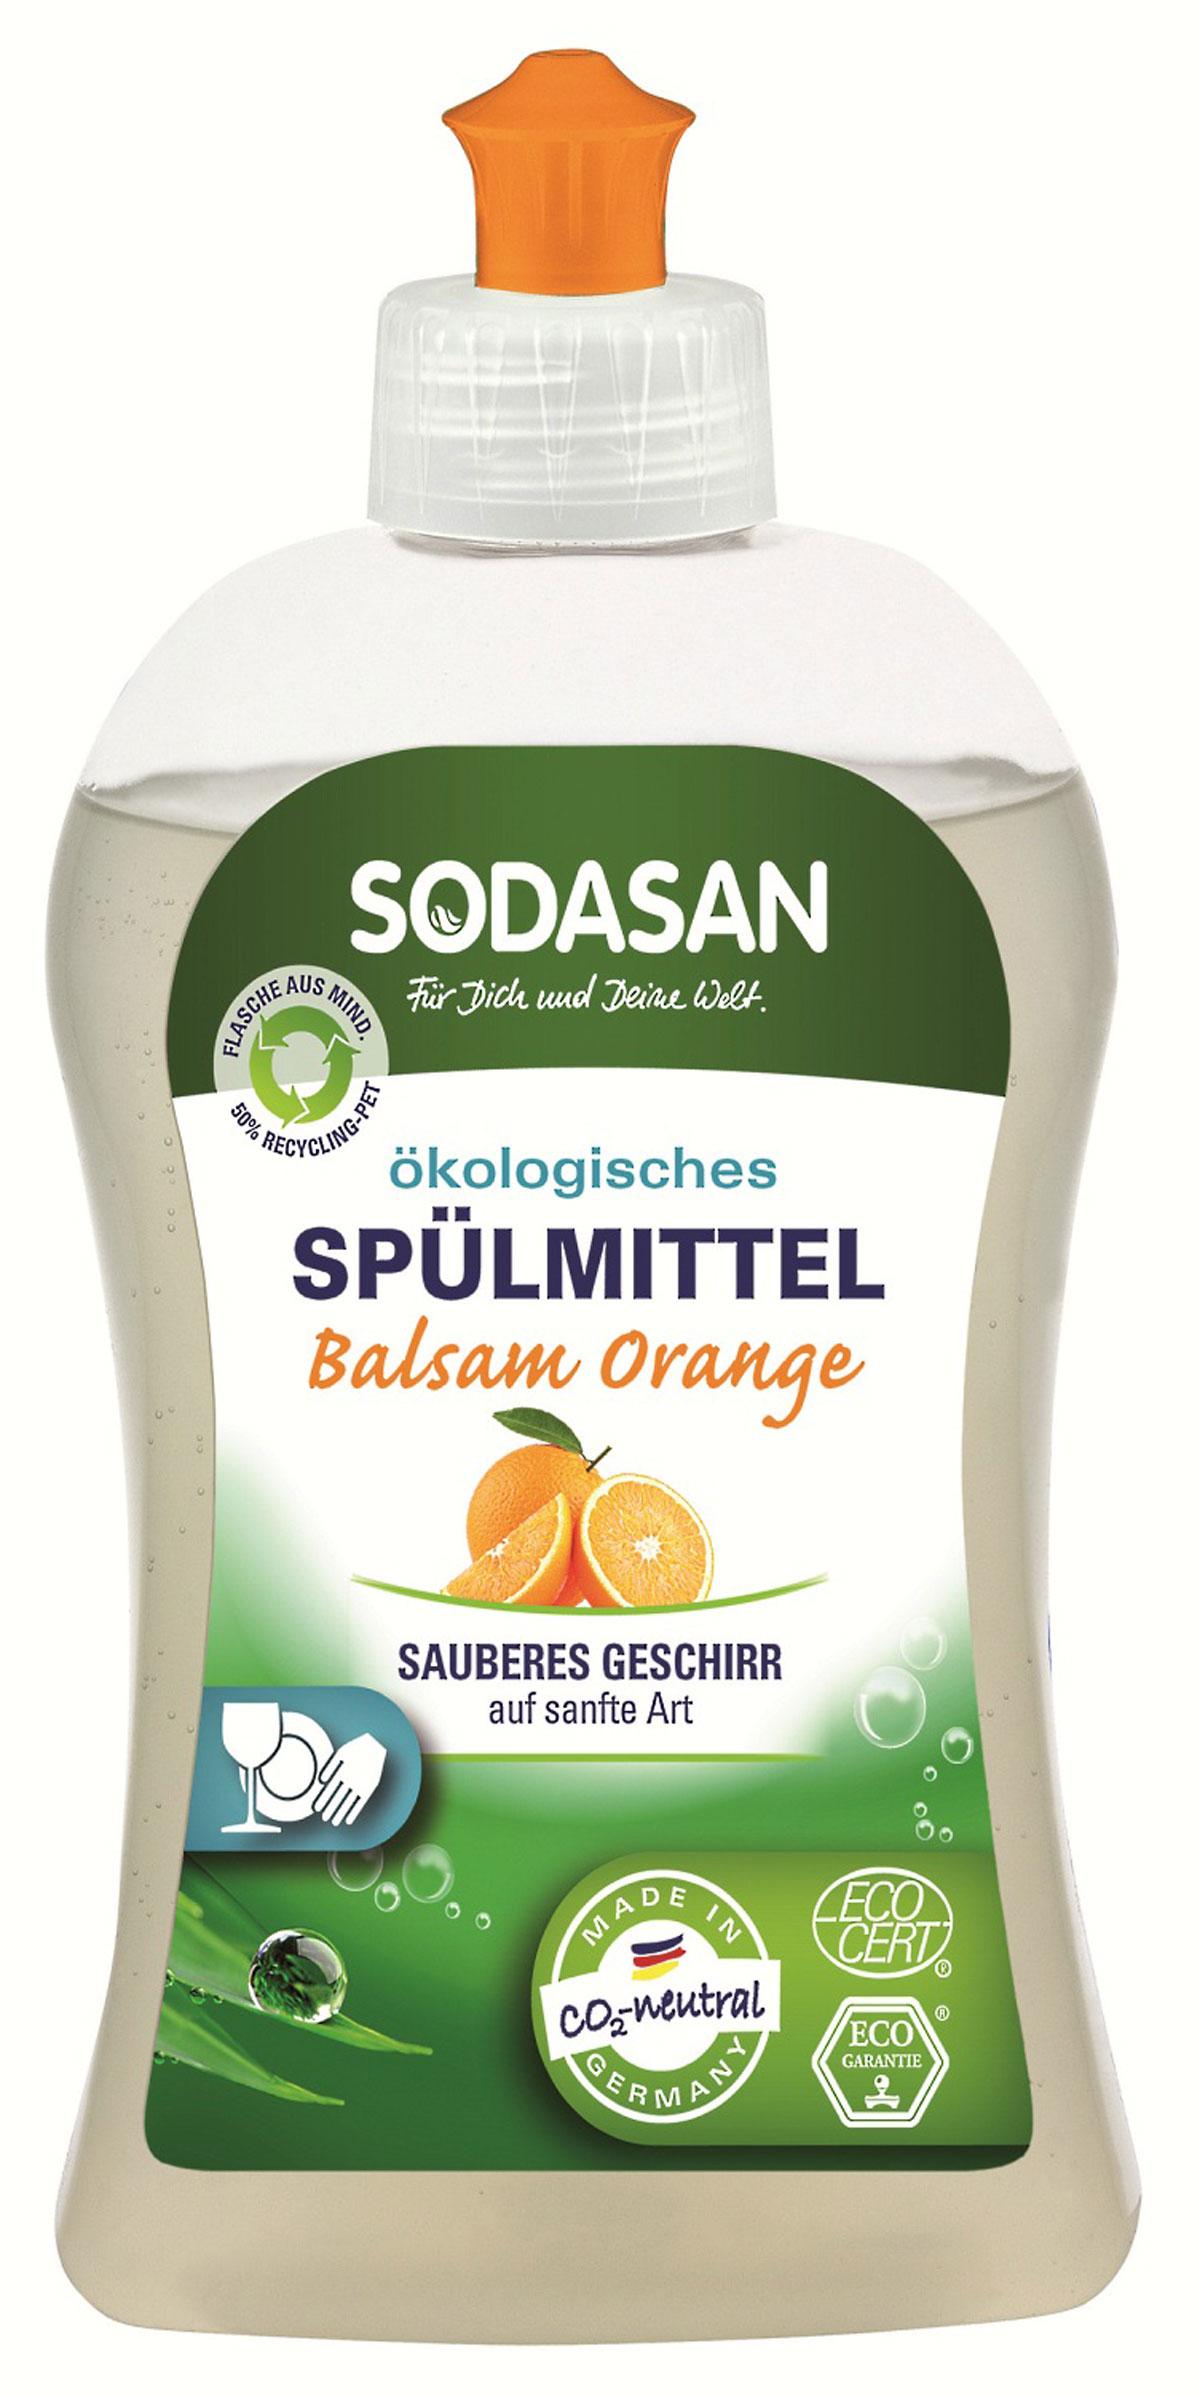 Жидкое средство Sodasan для мытья посуды, с запахом апельсина, 500 мл2556_ апельсинЖидкое средство Sodasan качественно и безопасно моет посуду без лишних усилий. Быстро удаляет загрязнения и жир. Придает посуде блеск и не оставляет разводов. В состав входят только безопасные растительные ингредиенты органического происхождения. Специальная формула защищает ваши руки от пересыхания и делает их мягкими на ощупь. Экономично в использовании.